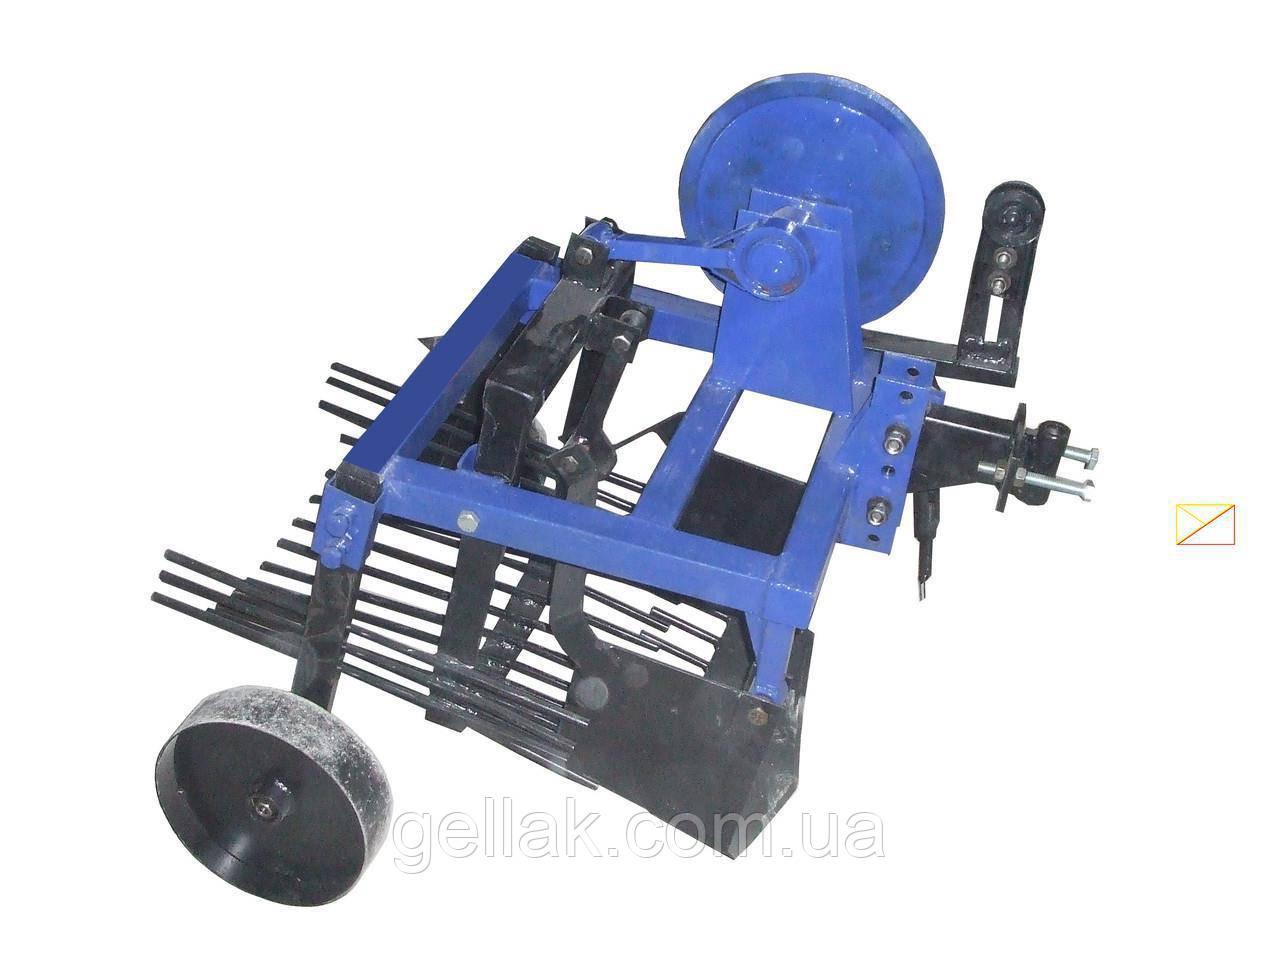 Картофелекопалка КМУ-3 вибрационная под ремень